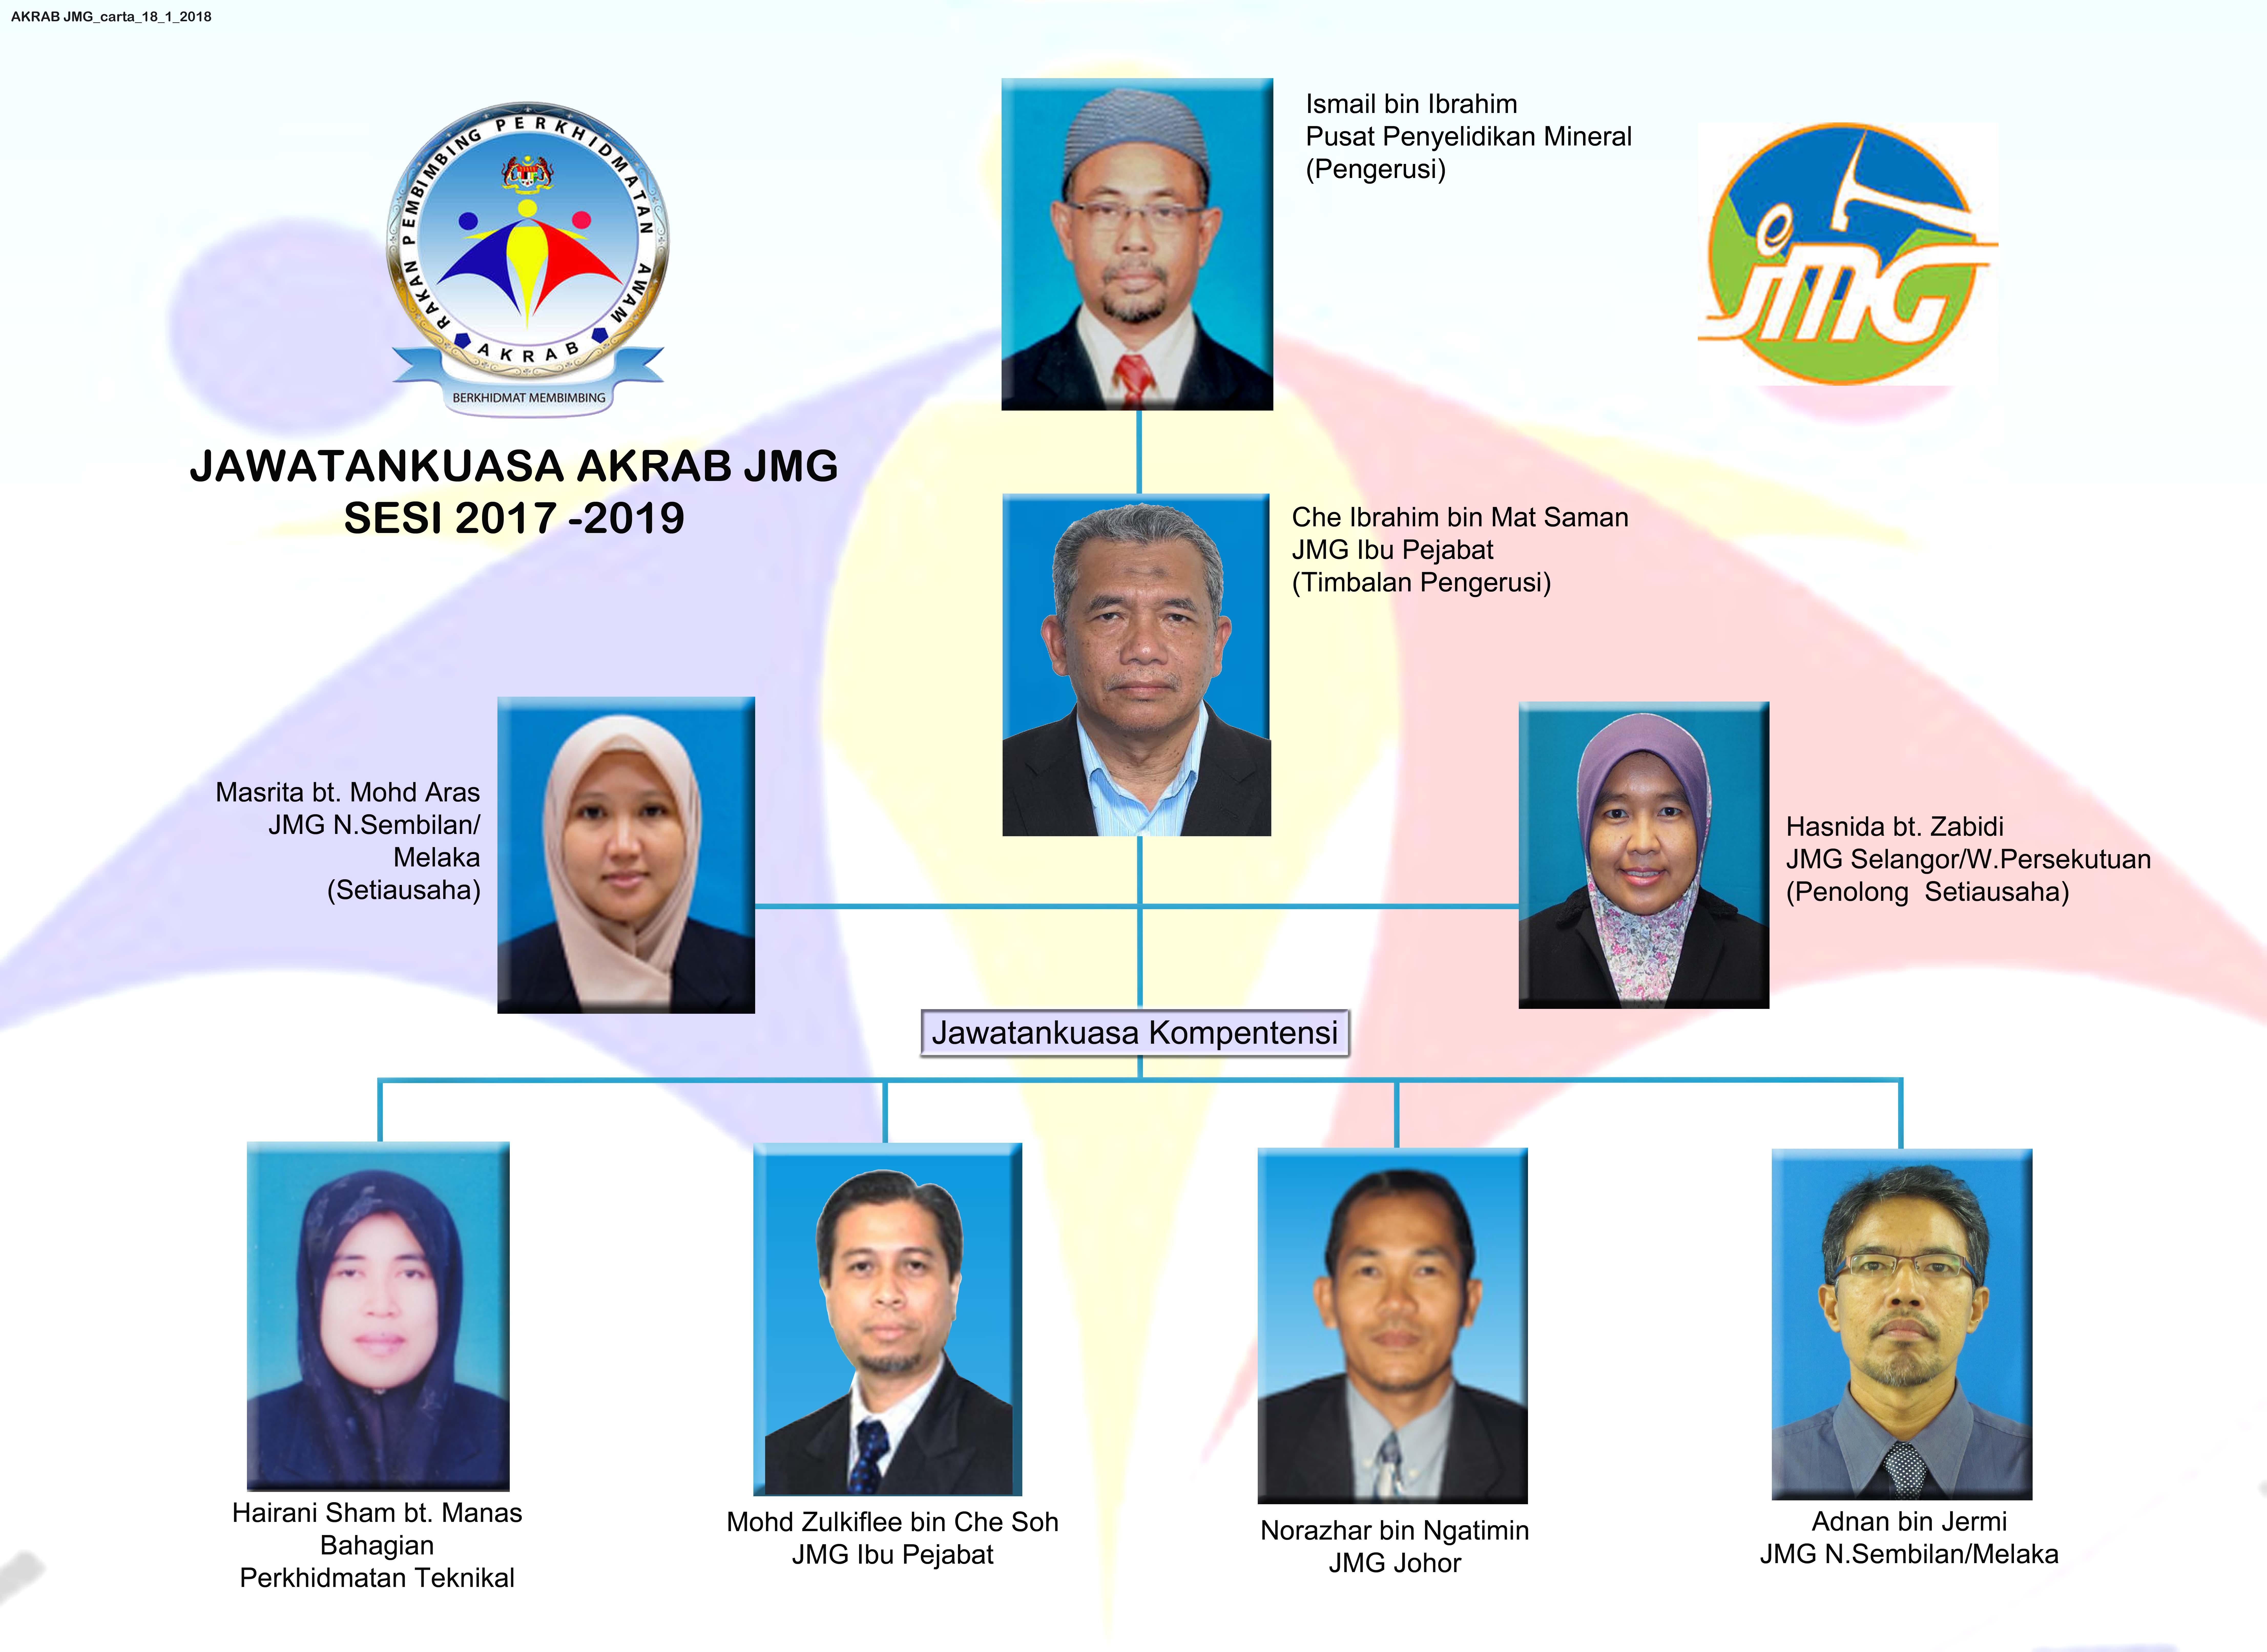 JAWATANKUASA AKRAB JMG SESI 2017-2019